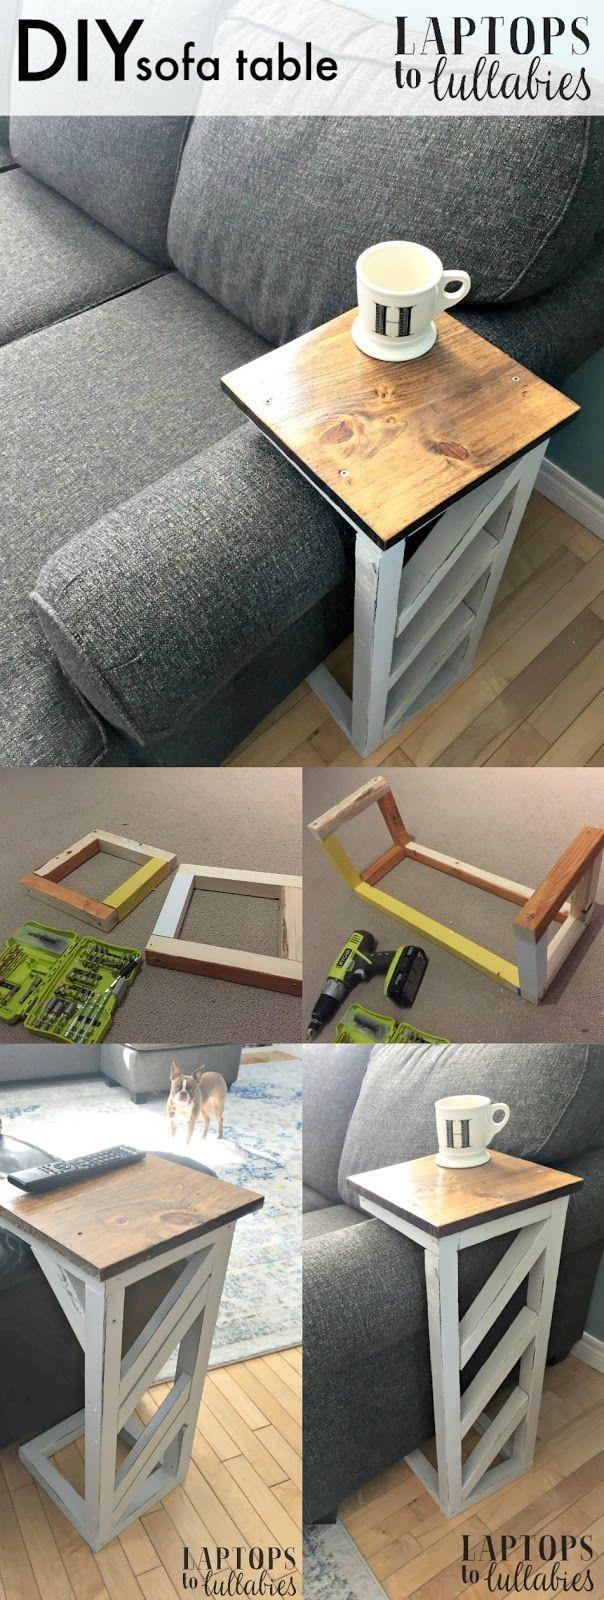 Laptops to lullabies easy diy sofa tables decoracion for Decasa muebles y decoracion